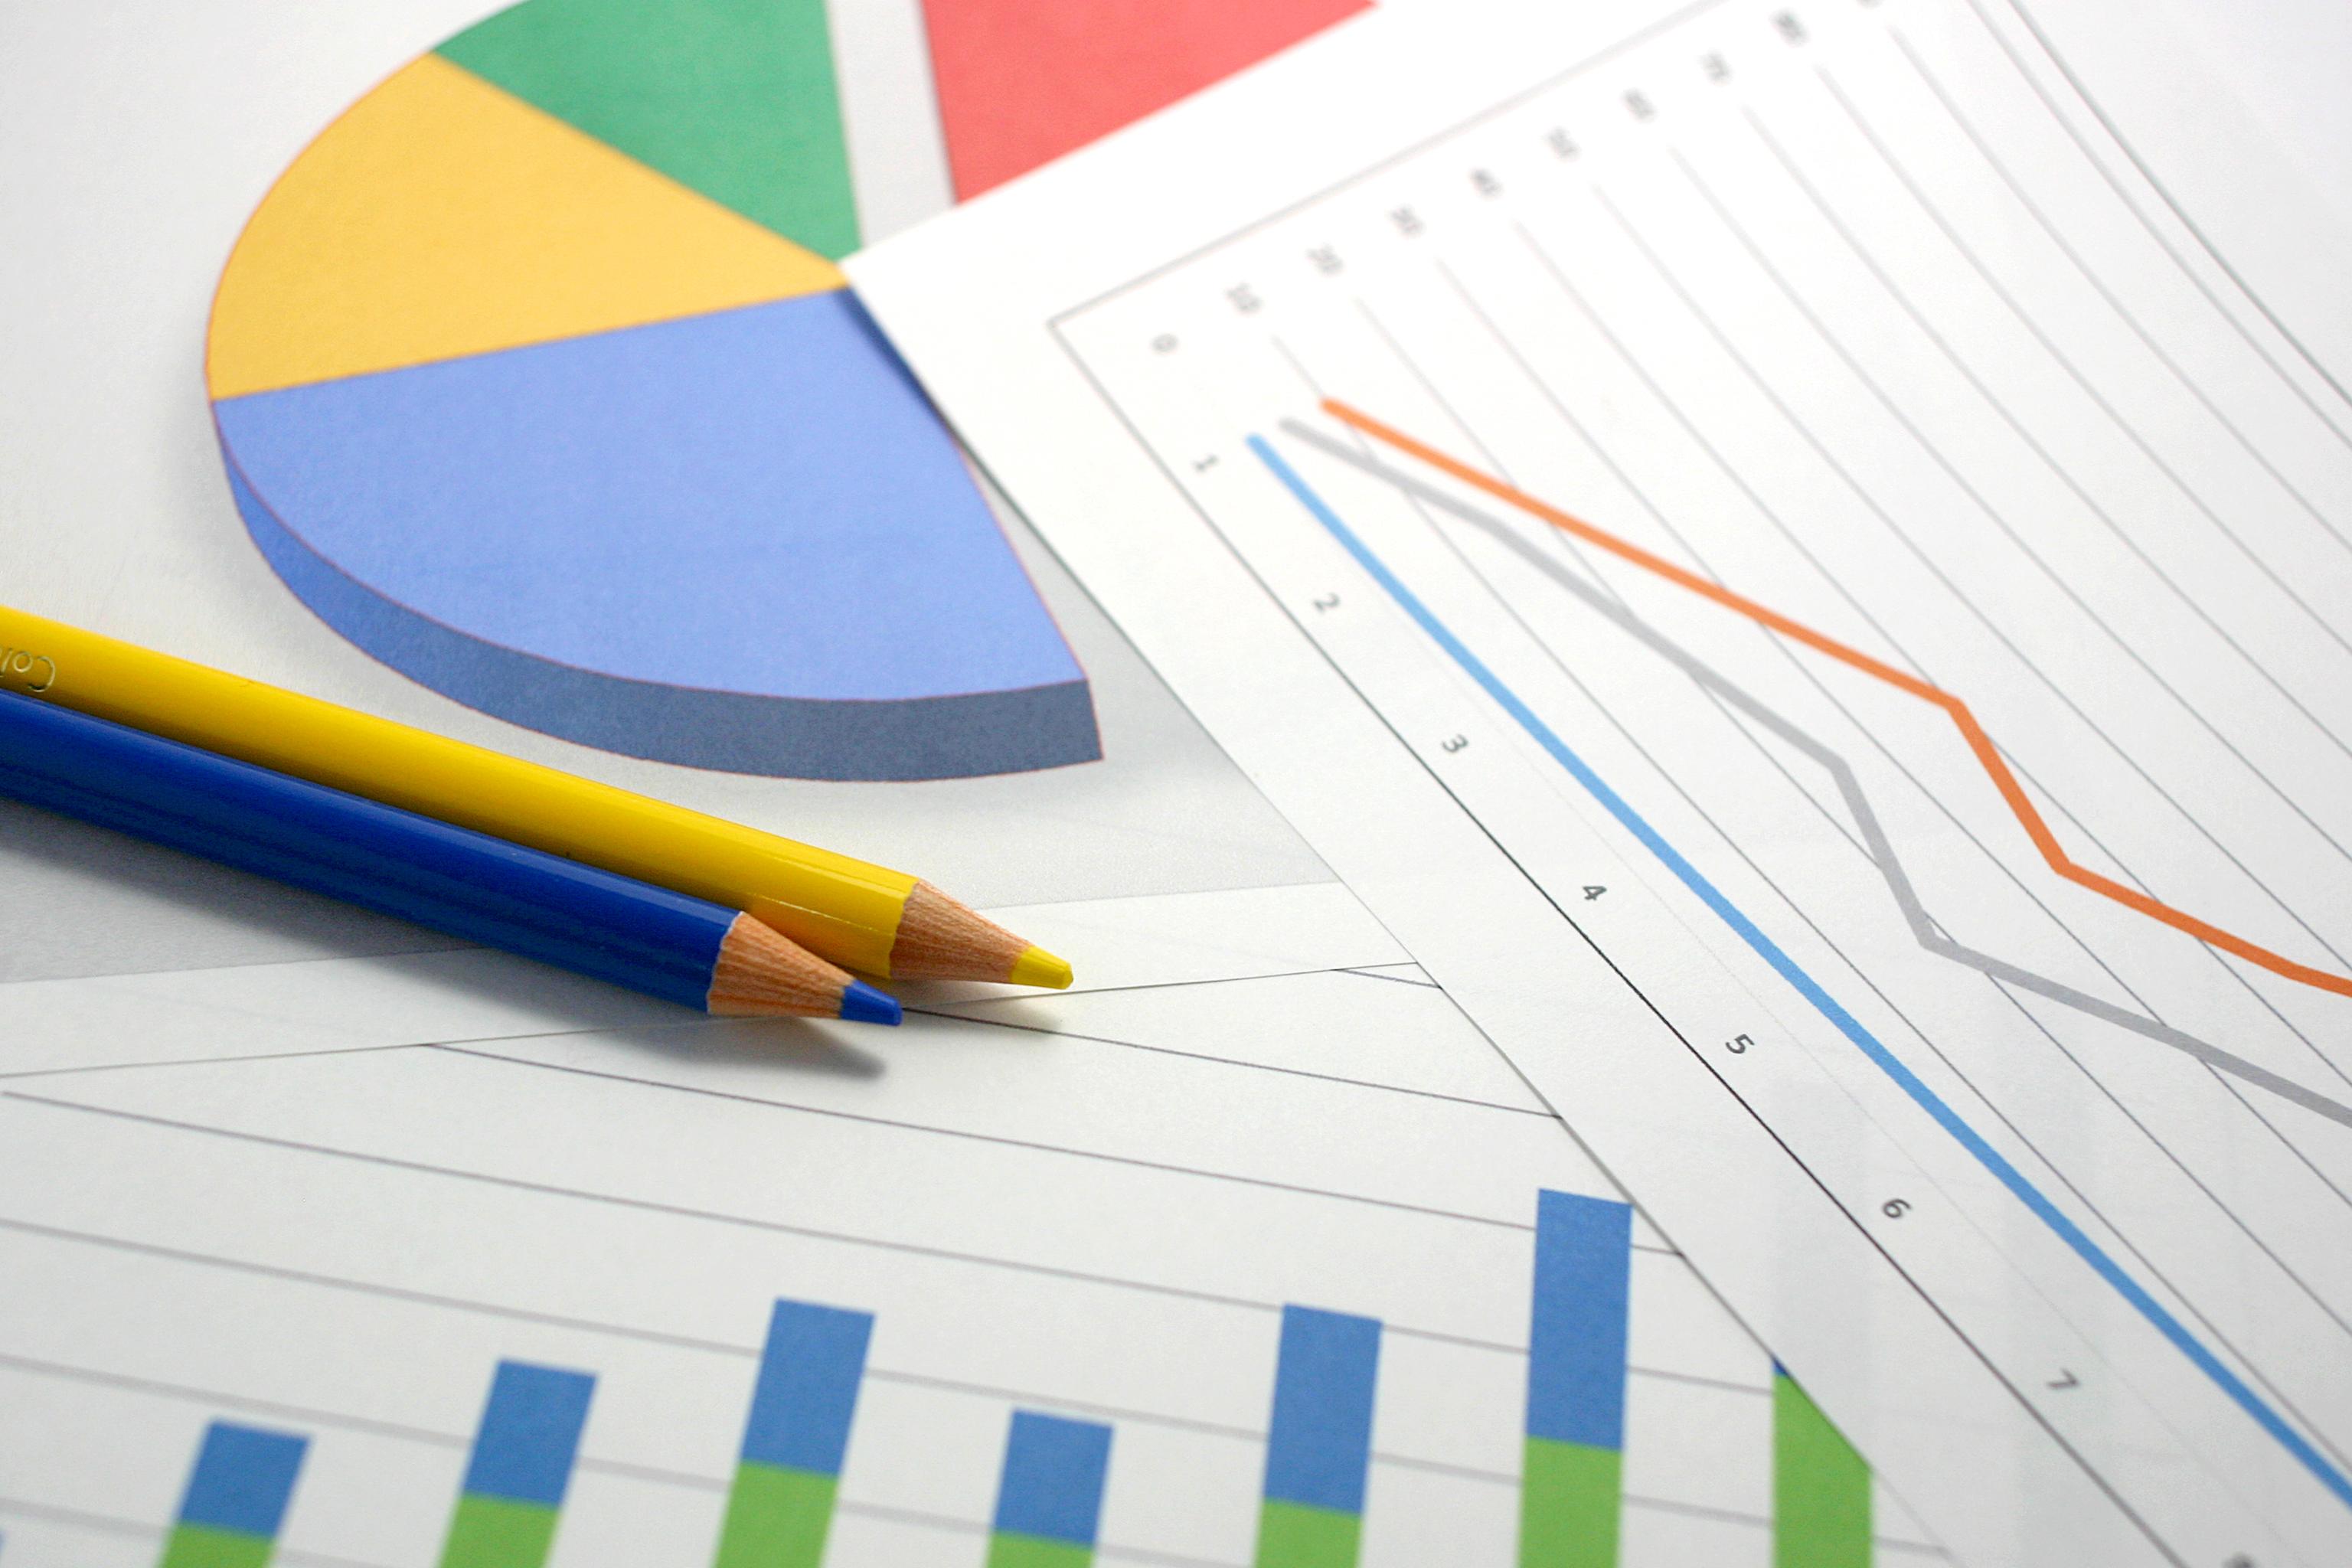 【M&Aインサイト】株式買い取り請求権制度の利用